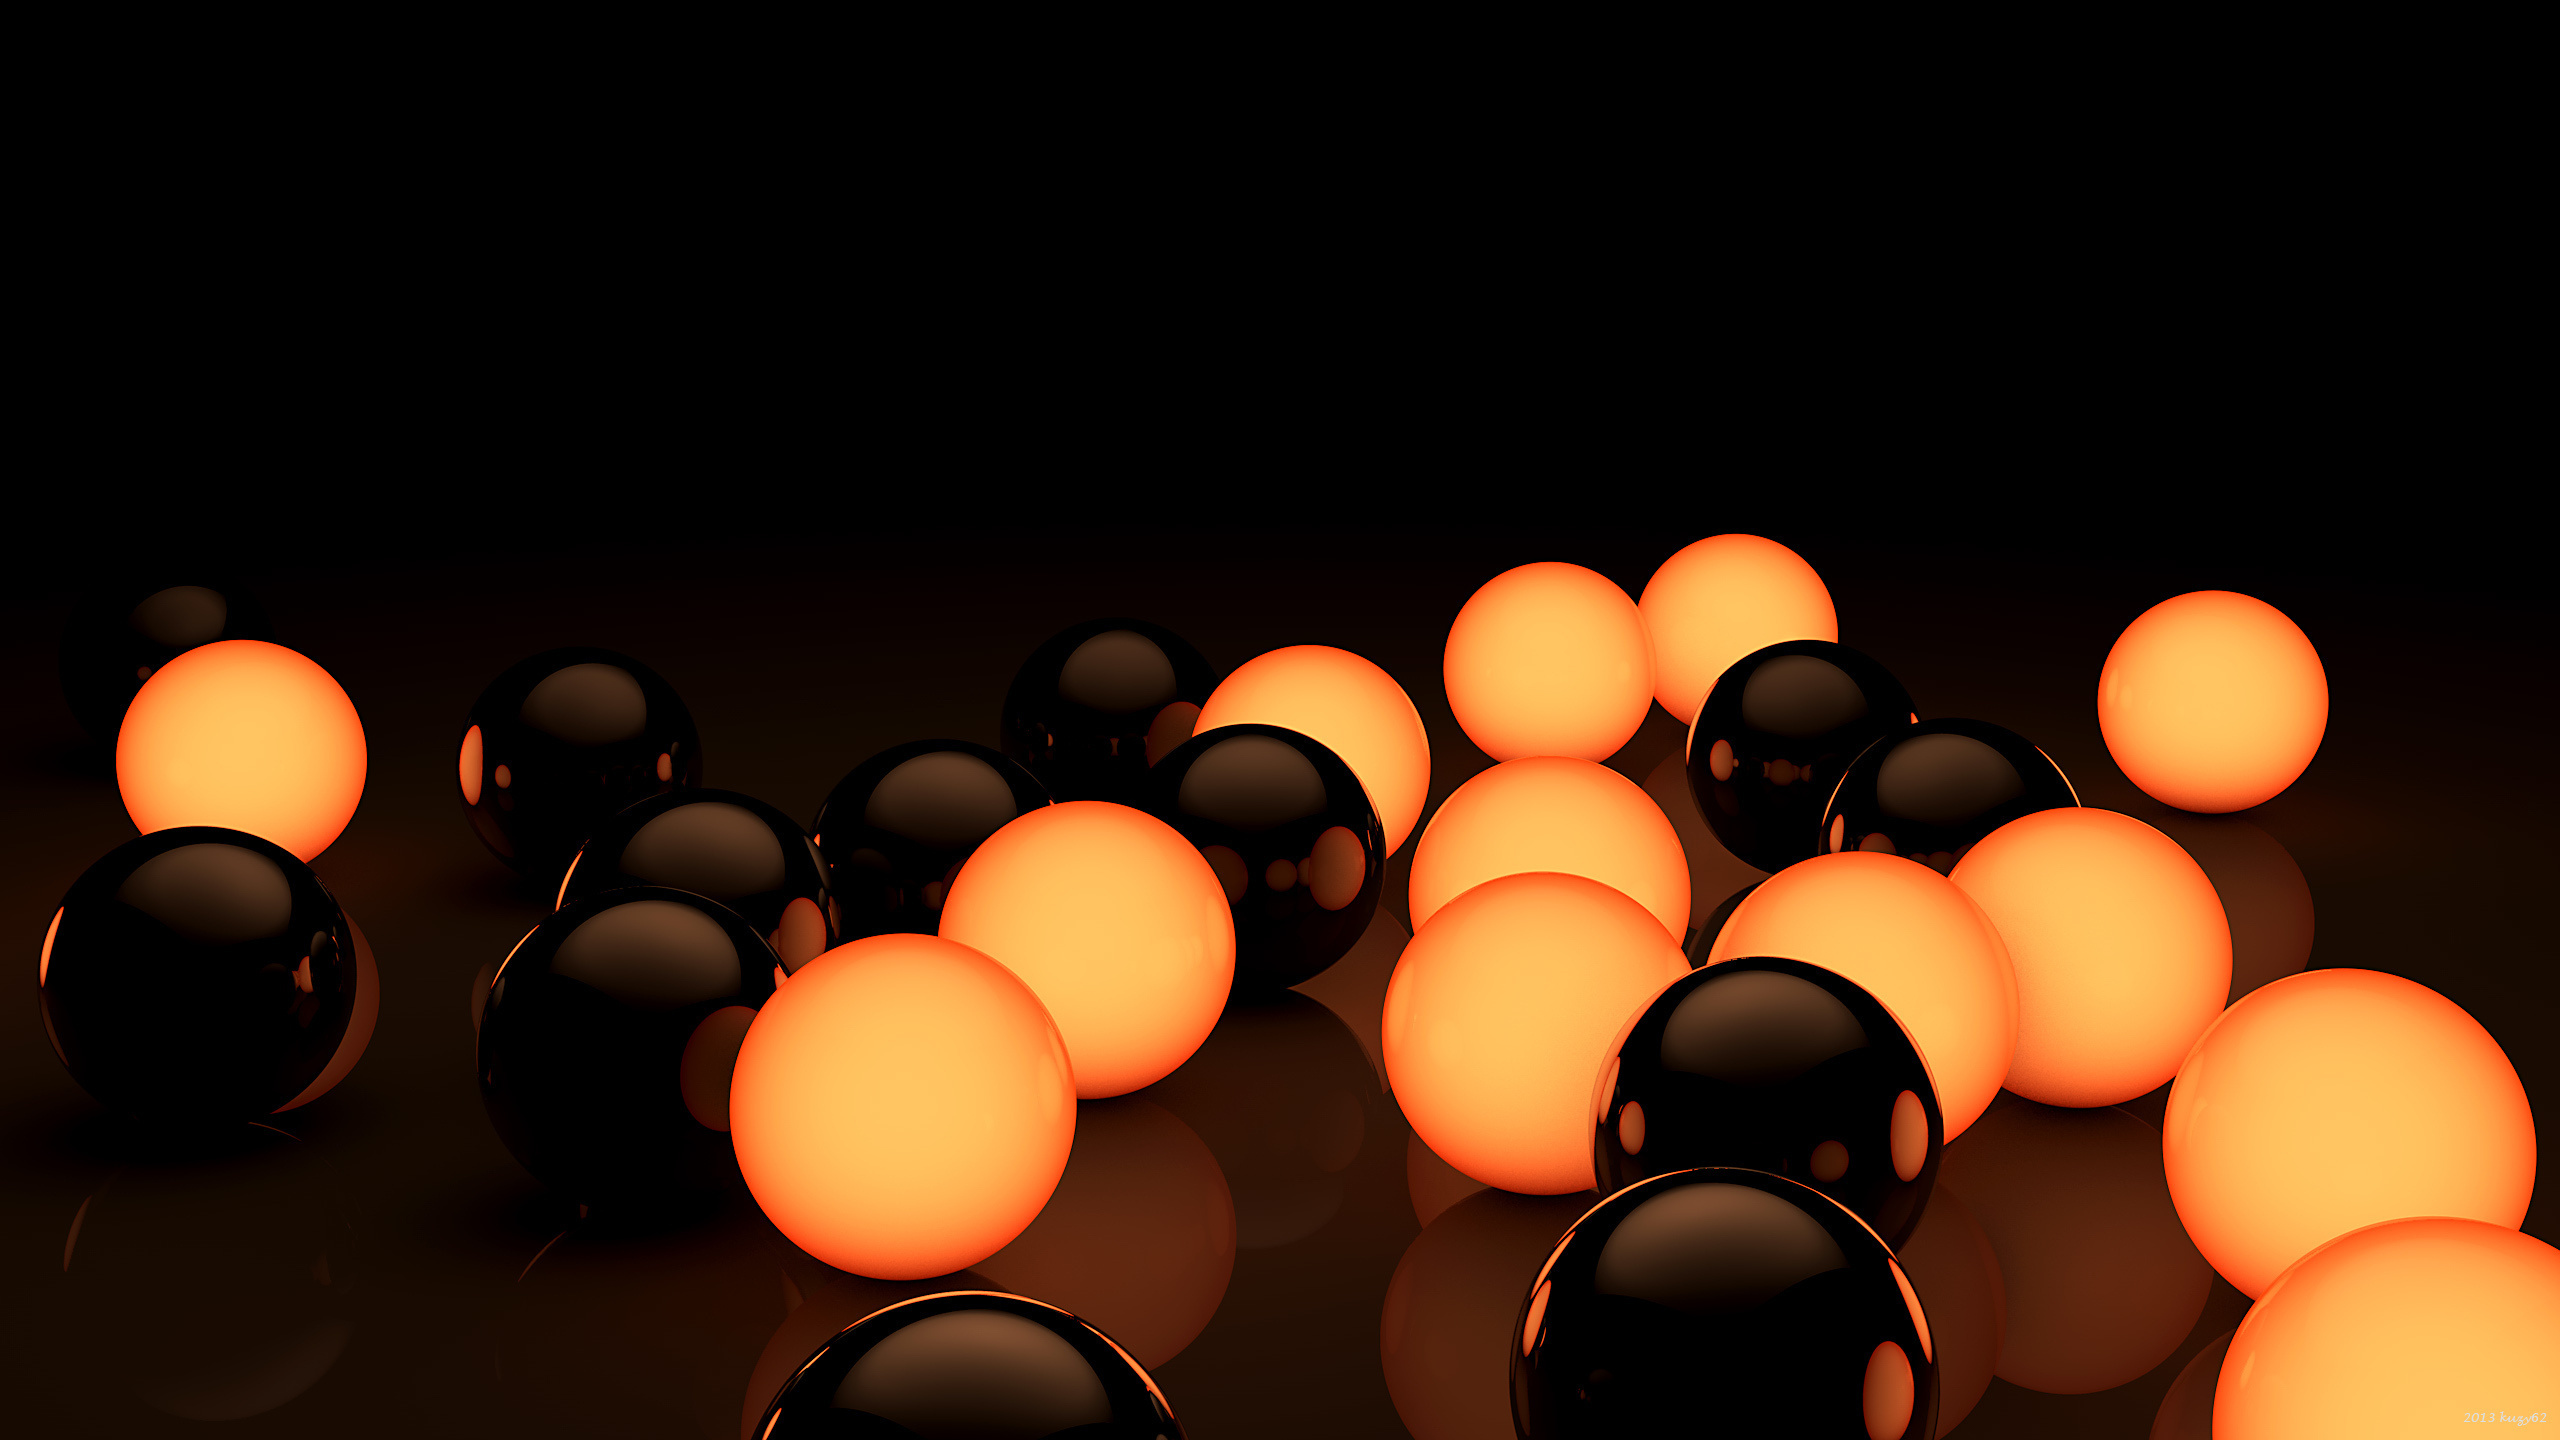 3D Ball Wallpaper